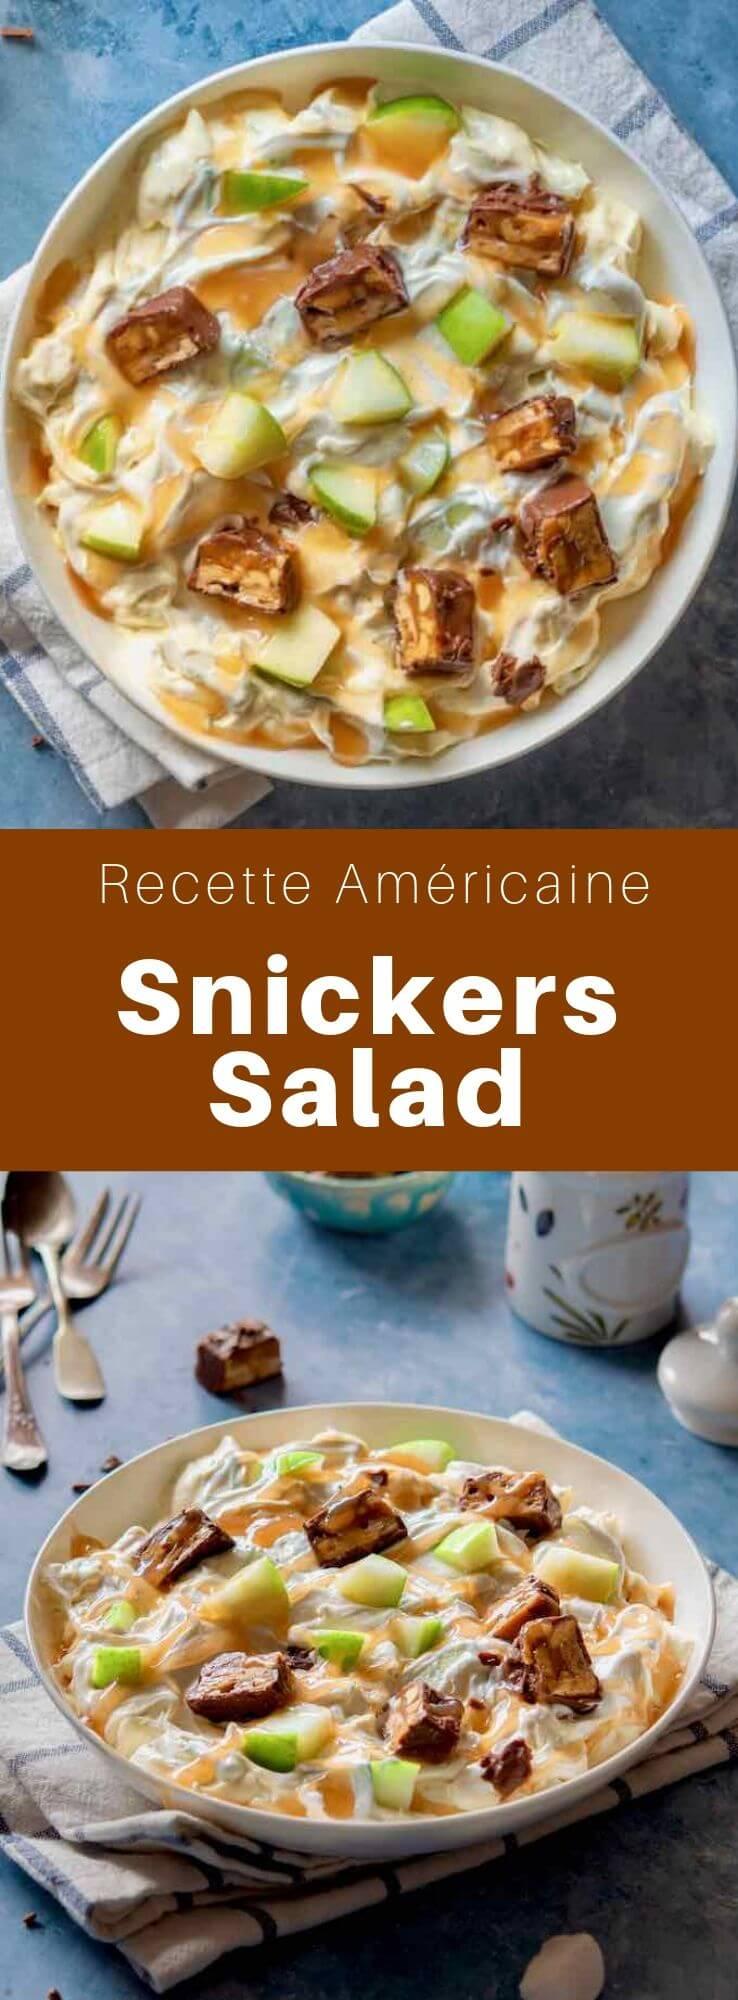 La Snickers salad est un mélange de barres Snickers, de pommes Granny Smith , de crème fouettée et de pudding à la vanille populaire dans l'Iowa dans le Midwest des États Unis. #RecetteAmericaine #CuisineAmericaine #CuisineDuMonde #196flavors